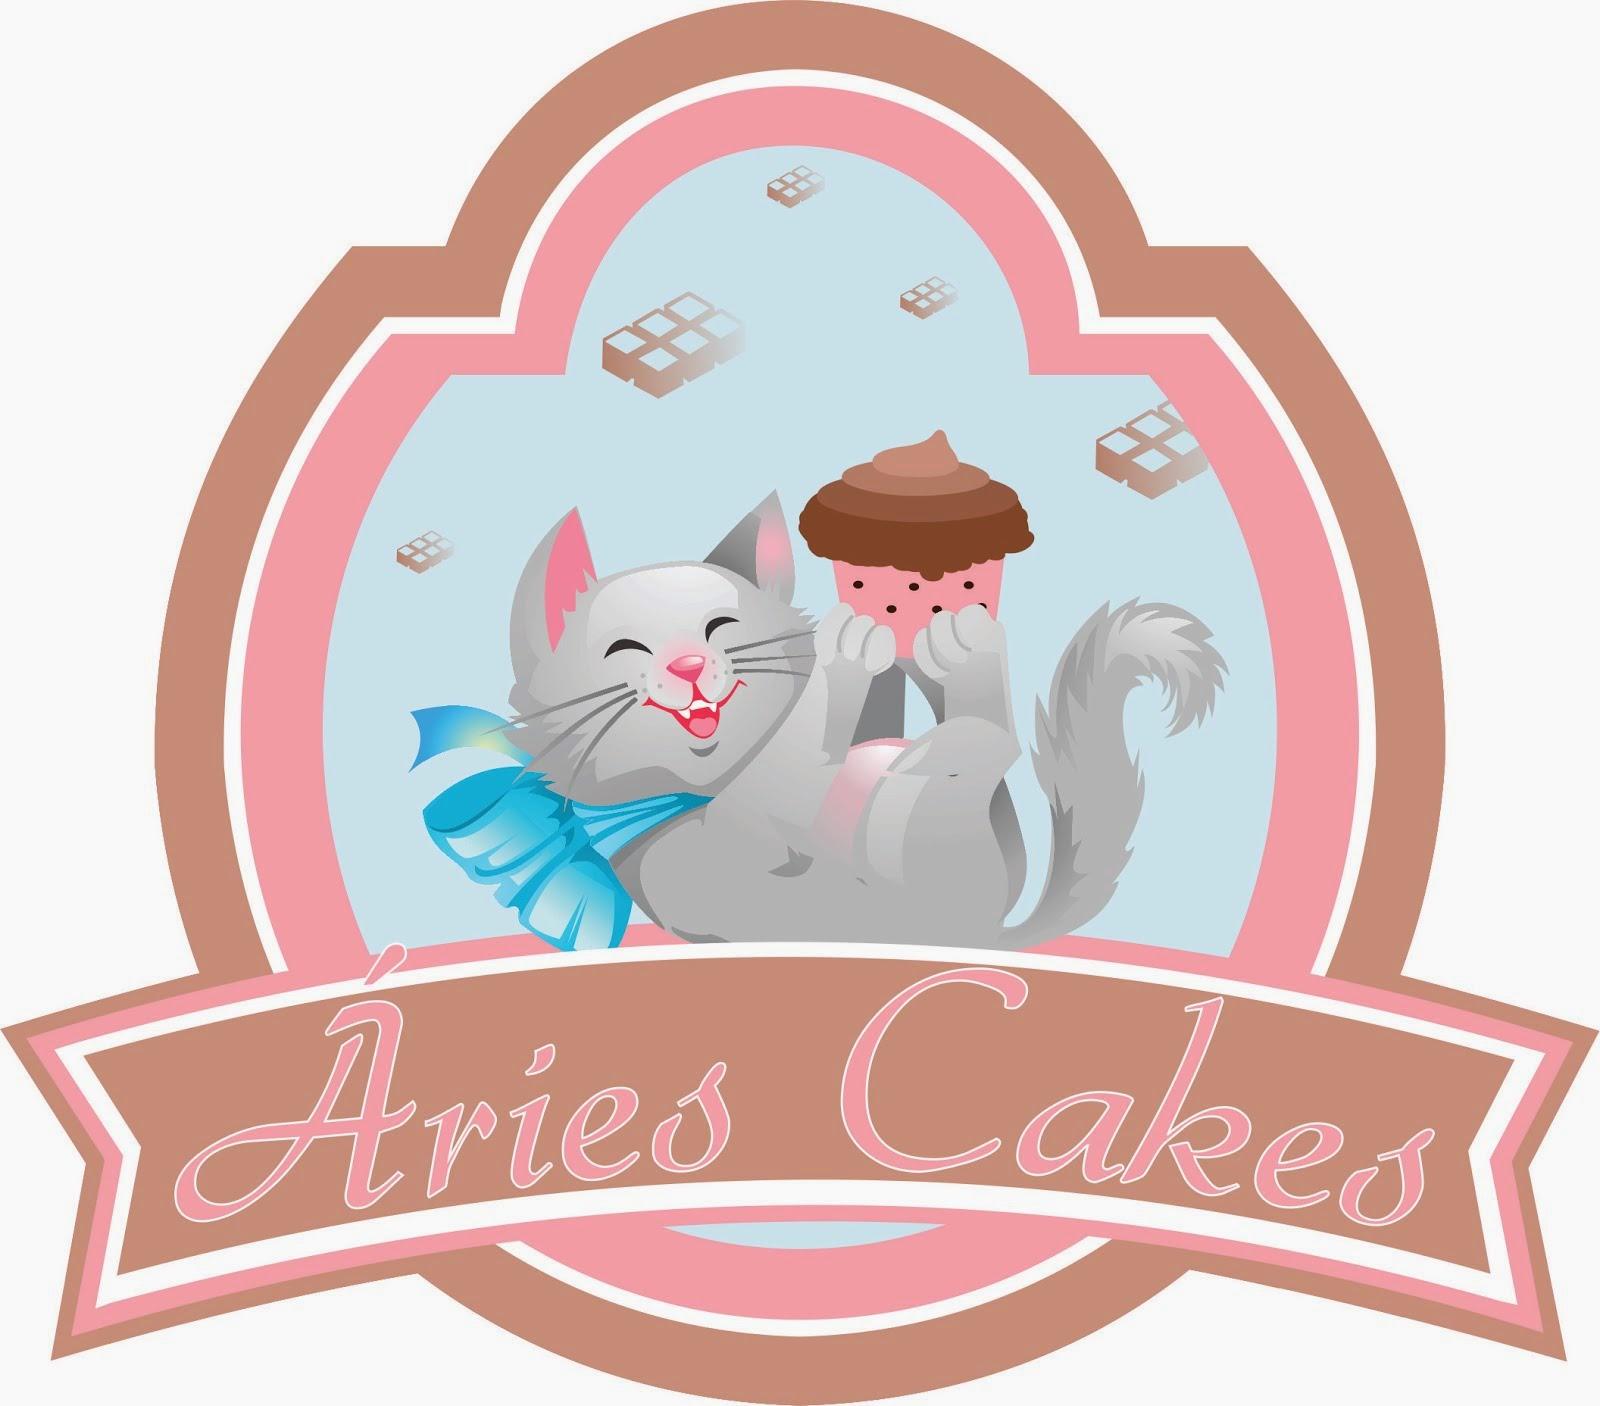 ÁRIES CAKES